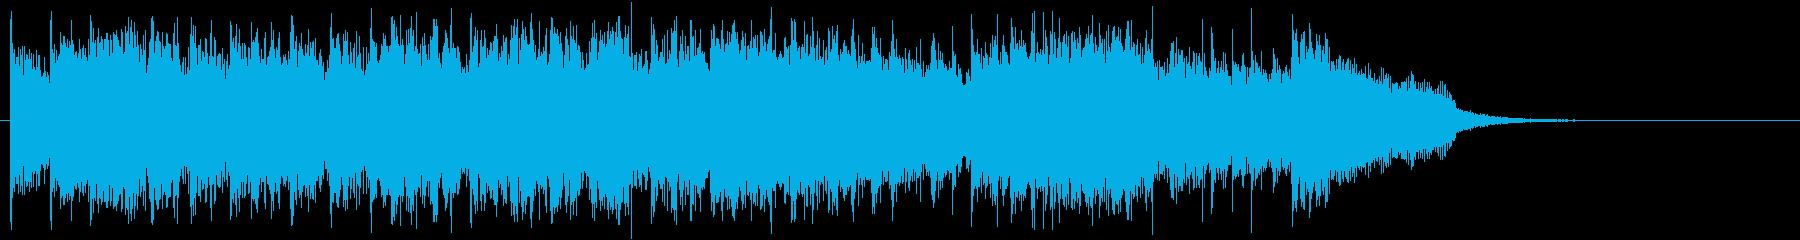 若いゴスニューウェーブ風ジングルの再生済みの波形